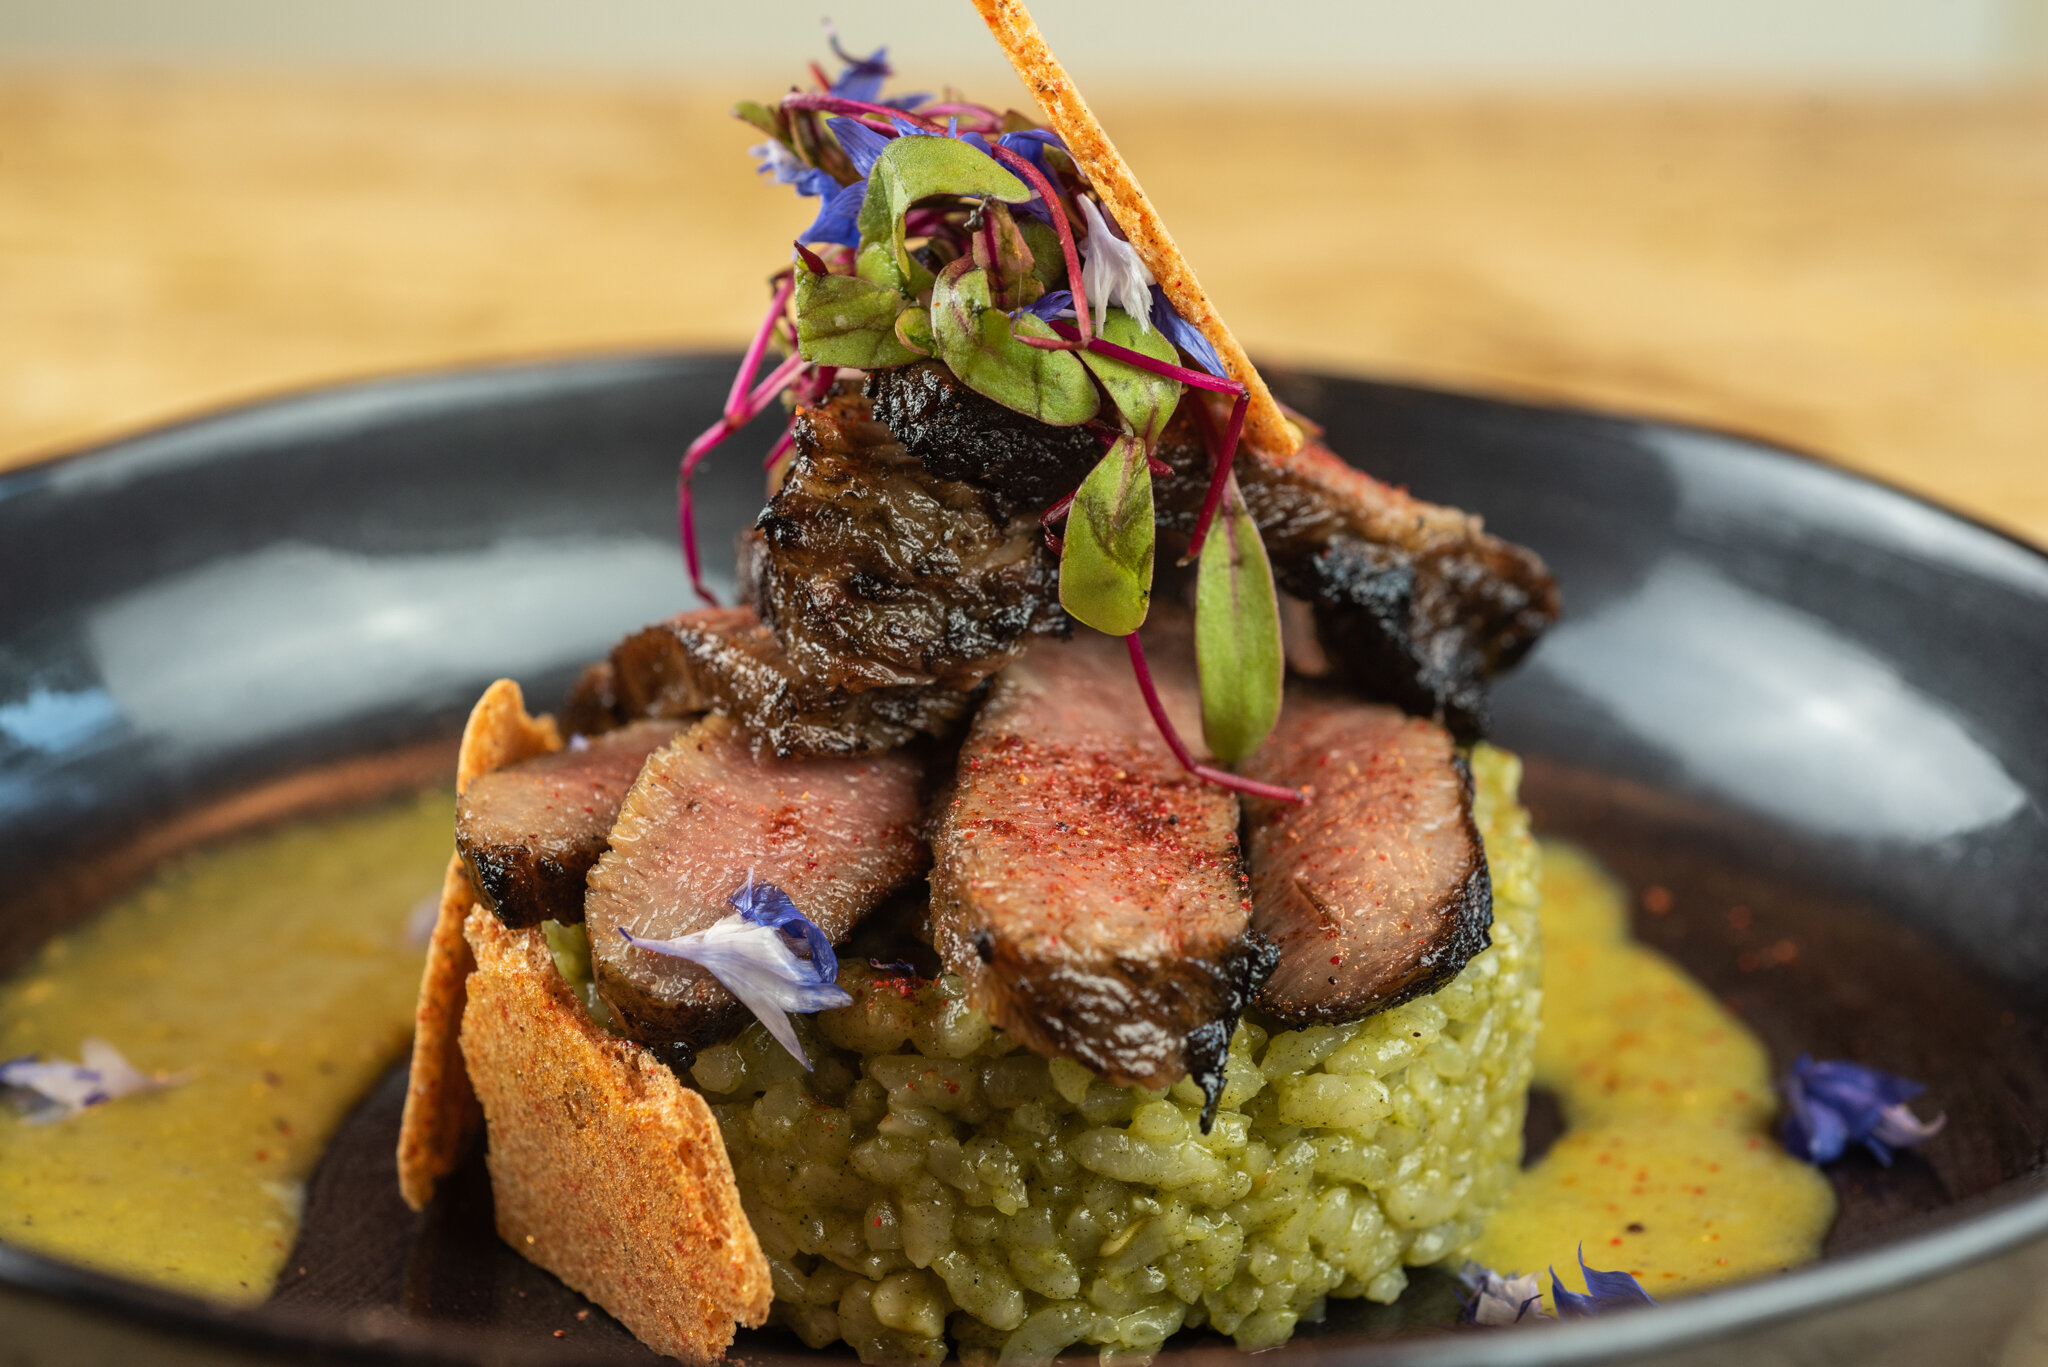 Wagyu Beef is Missoula's Steak